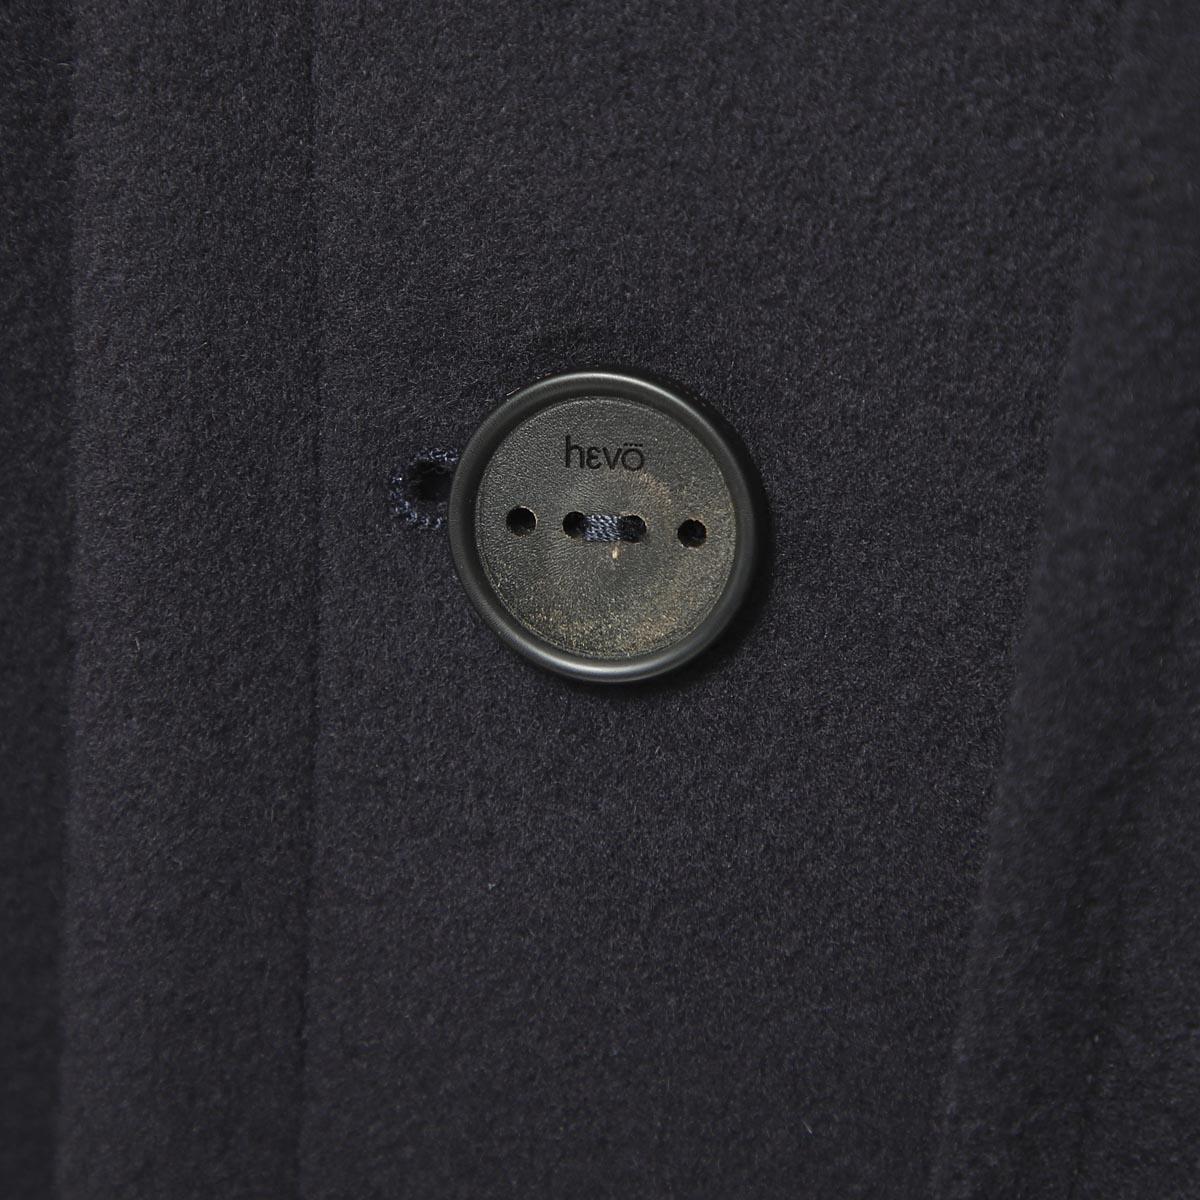 【アウトレット】【ラスト1点】HEVO イーヴォ シングルコート/OSTUNI メンズ